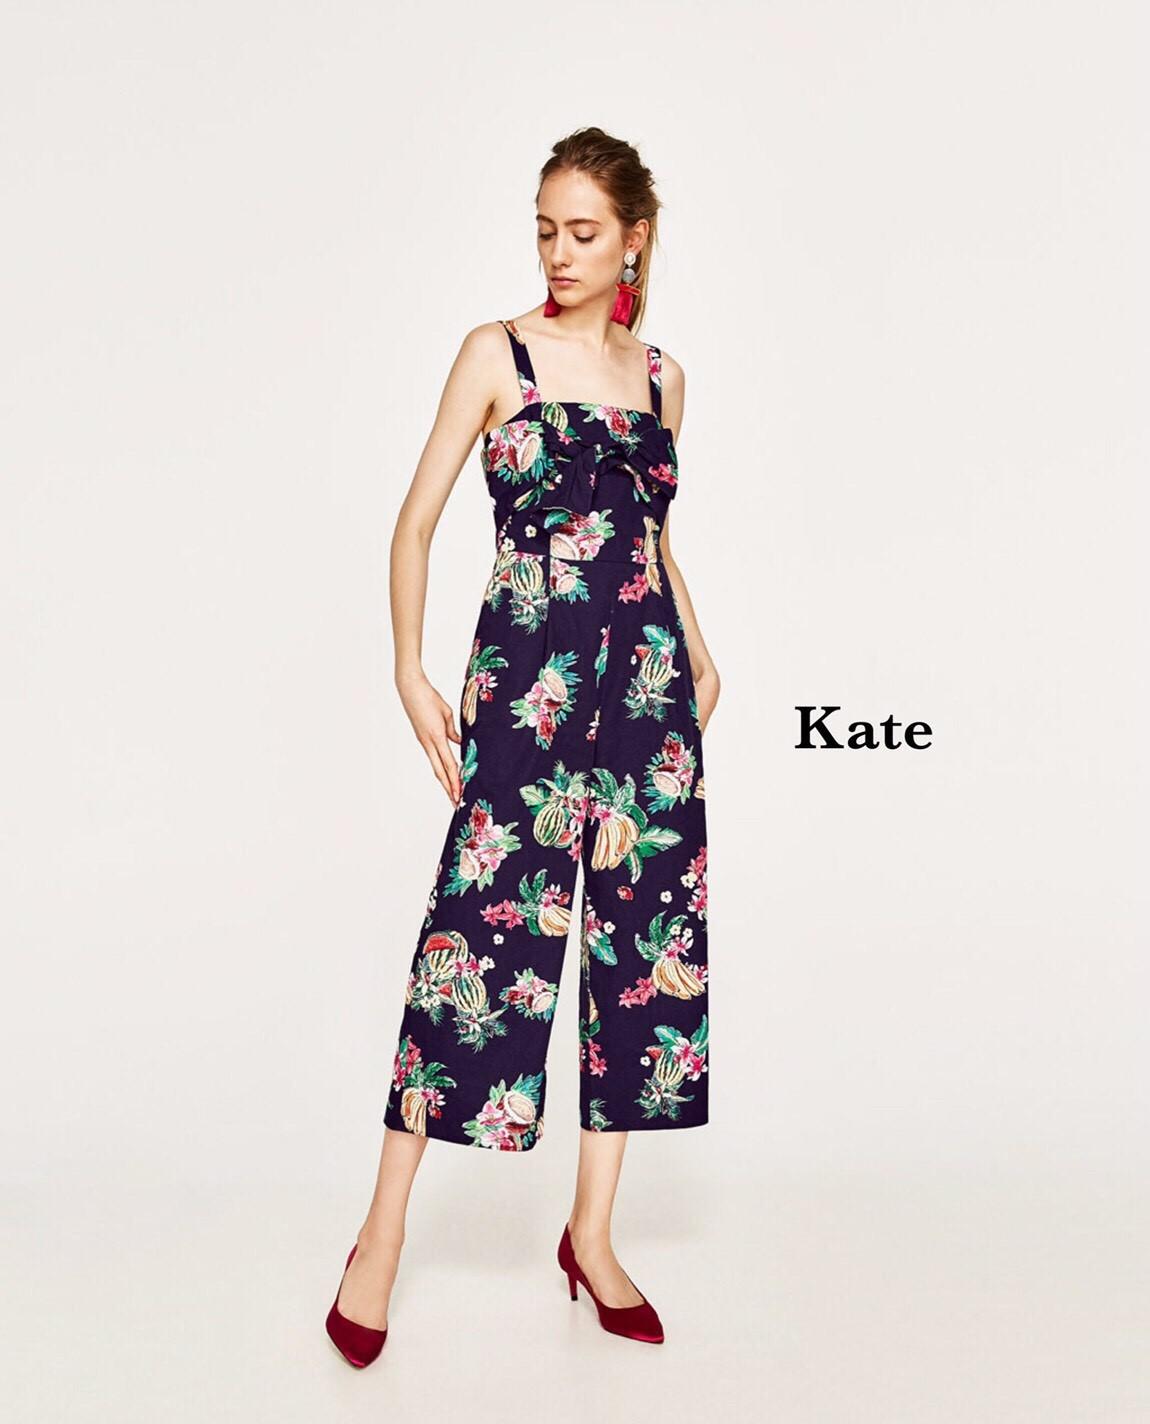 จั๊มสูทแฟชั่น จั้มสูท สายเดี่ยวลายดอก Brand Zara